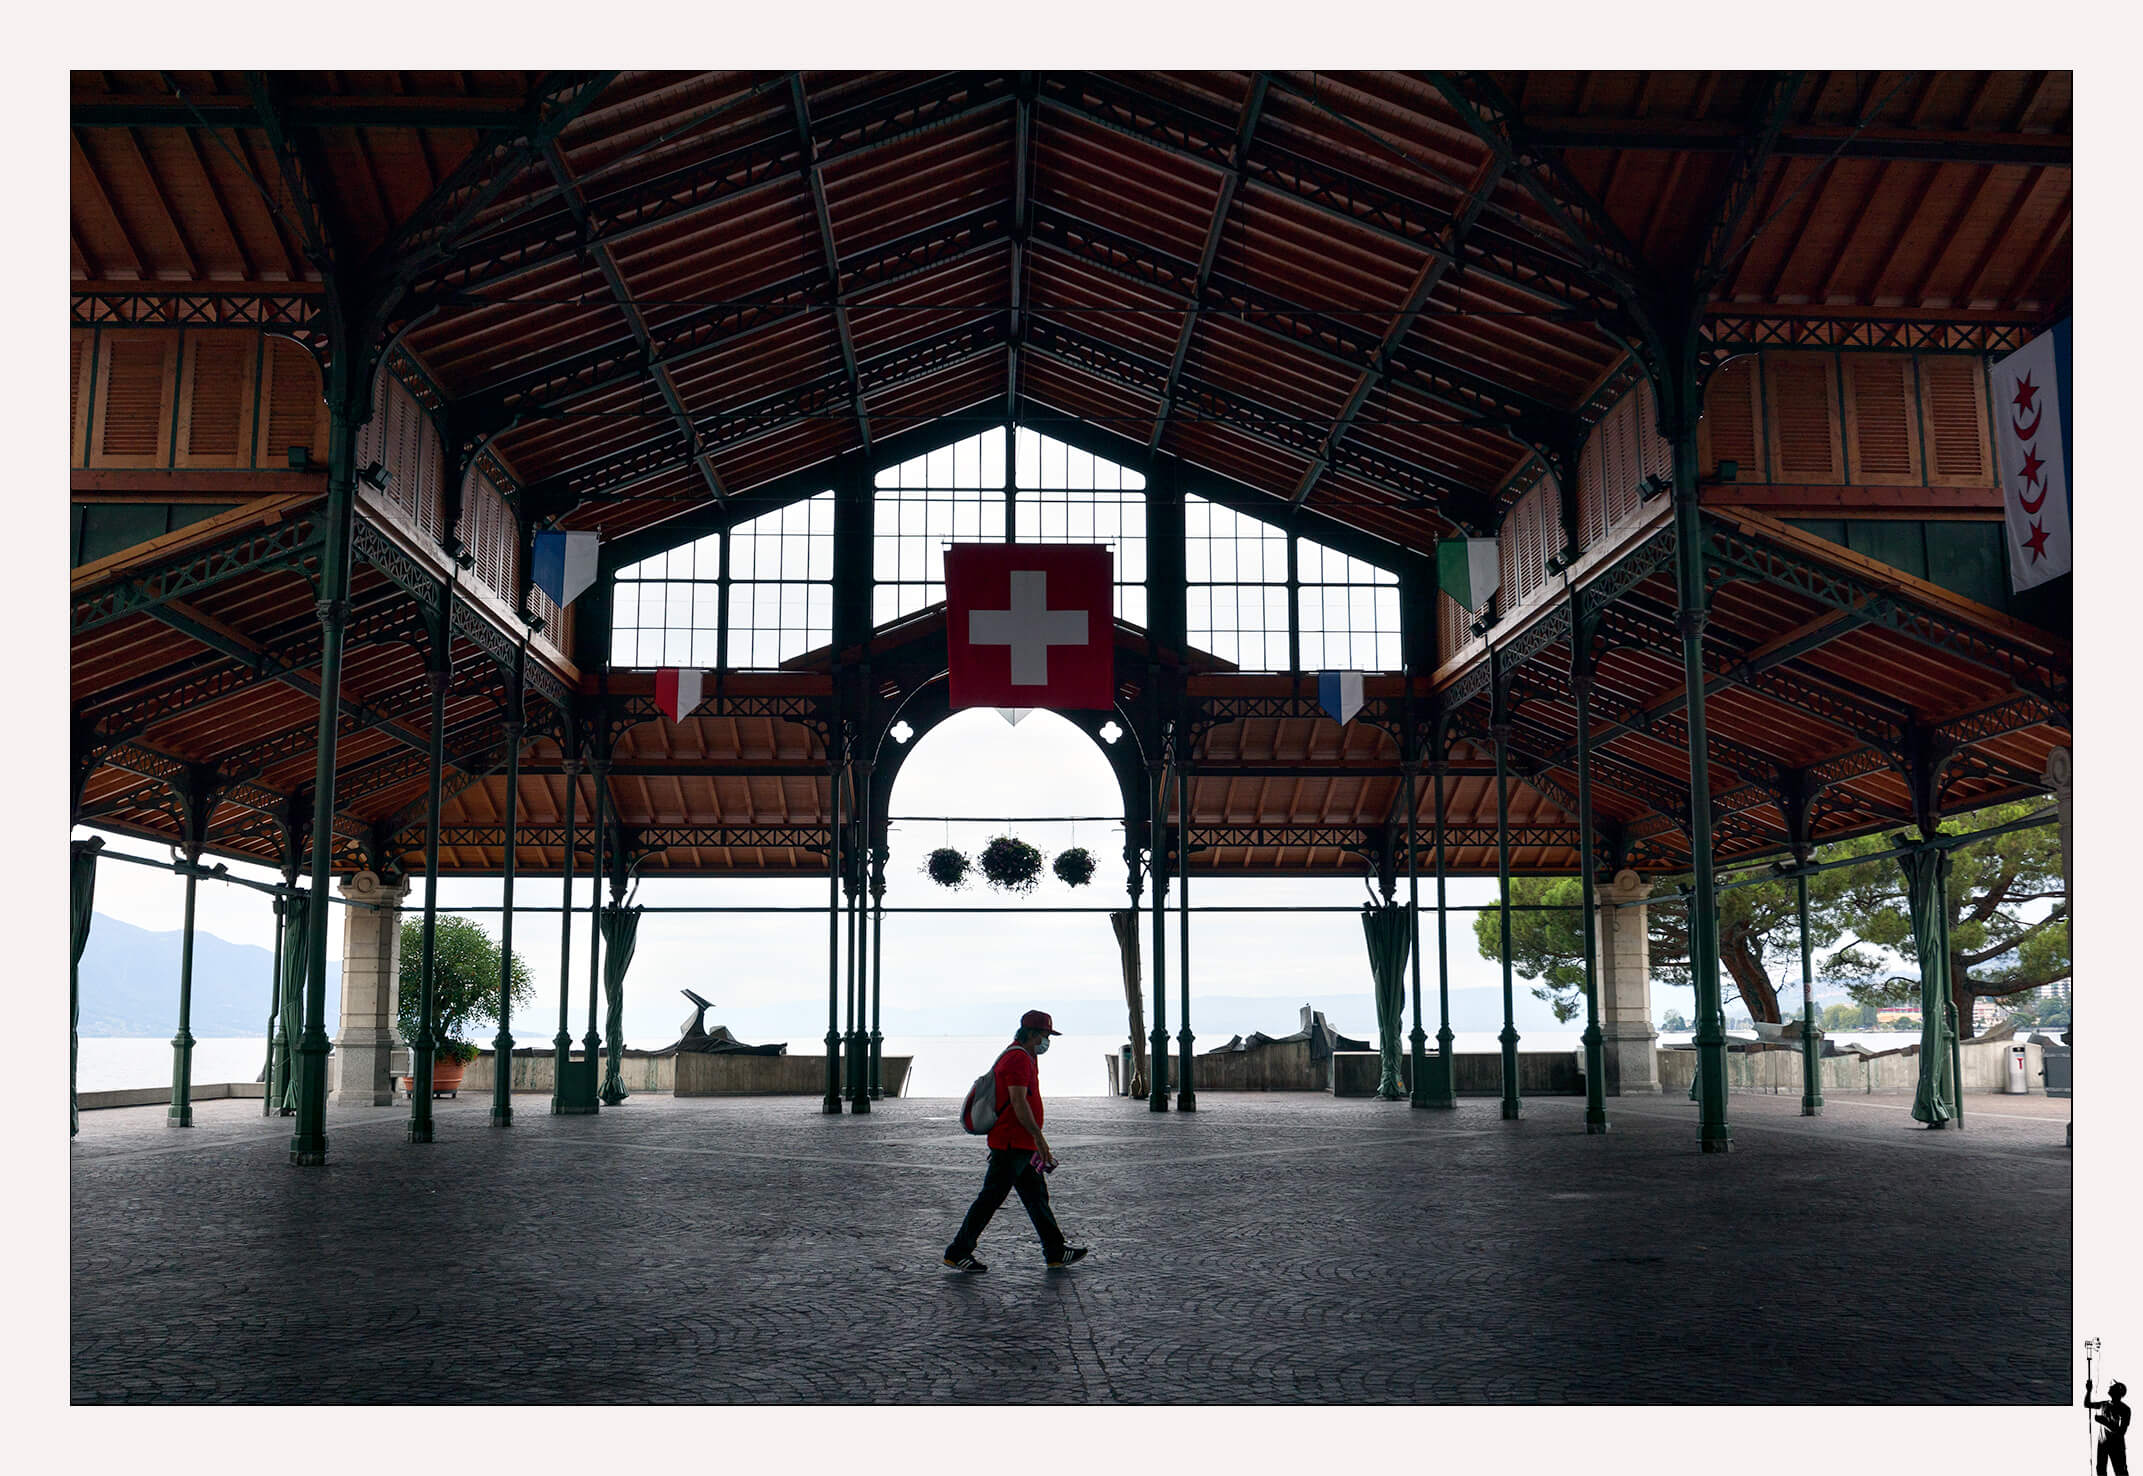 Place du marché de Montreux